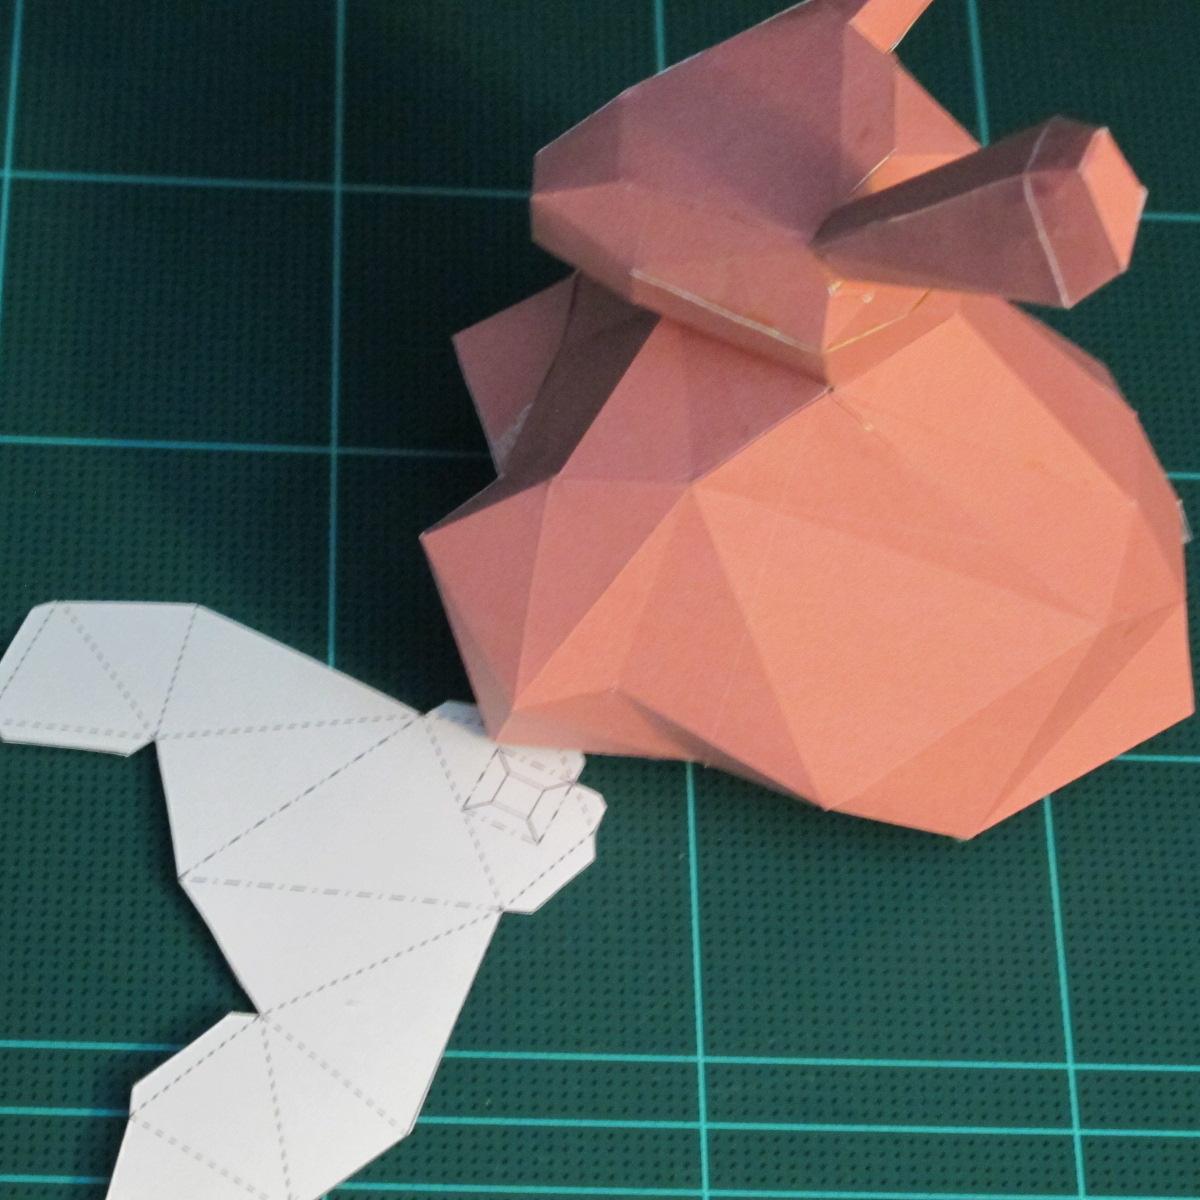 วิธีทำโมเดลกระดาษเรขาคณิตรูปกระต่าย (Rabbit Geometric Papercraft Model) 022